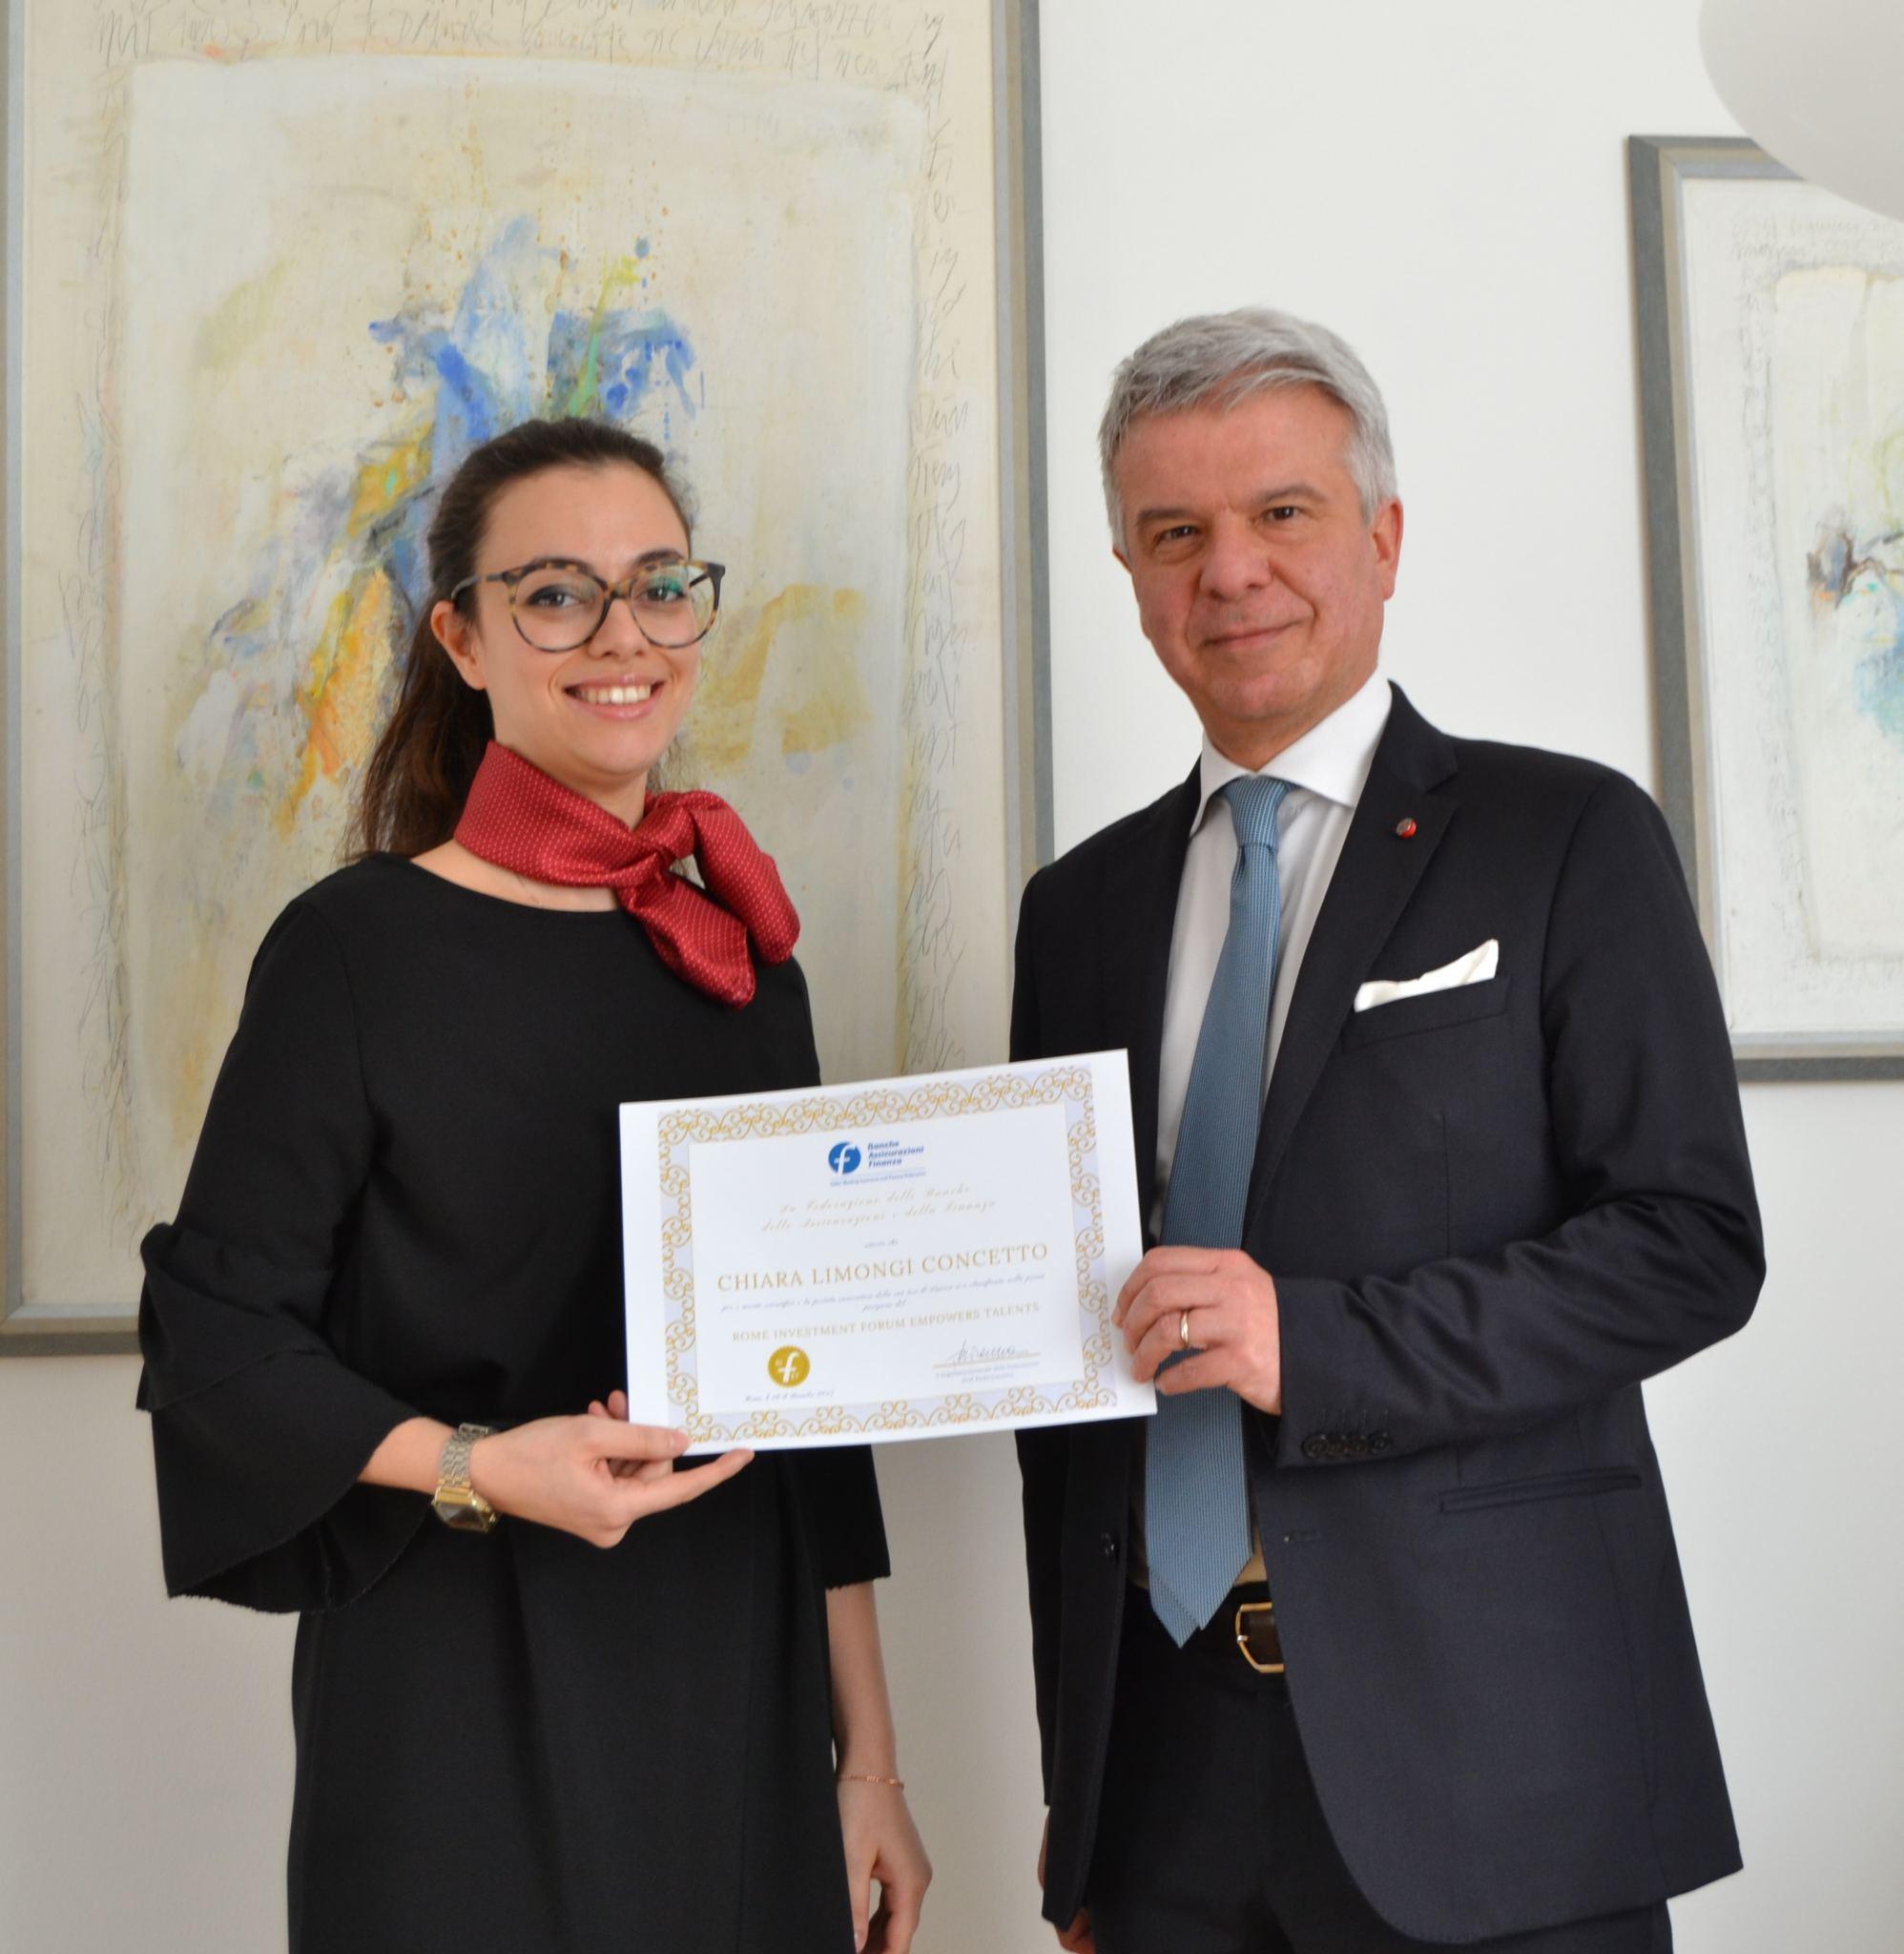 RIFET-Preis an junge Mitarbeiterin der Sparkasse